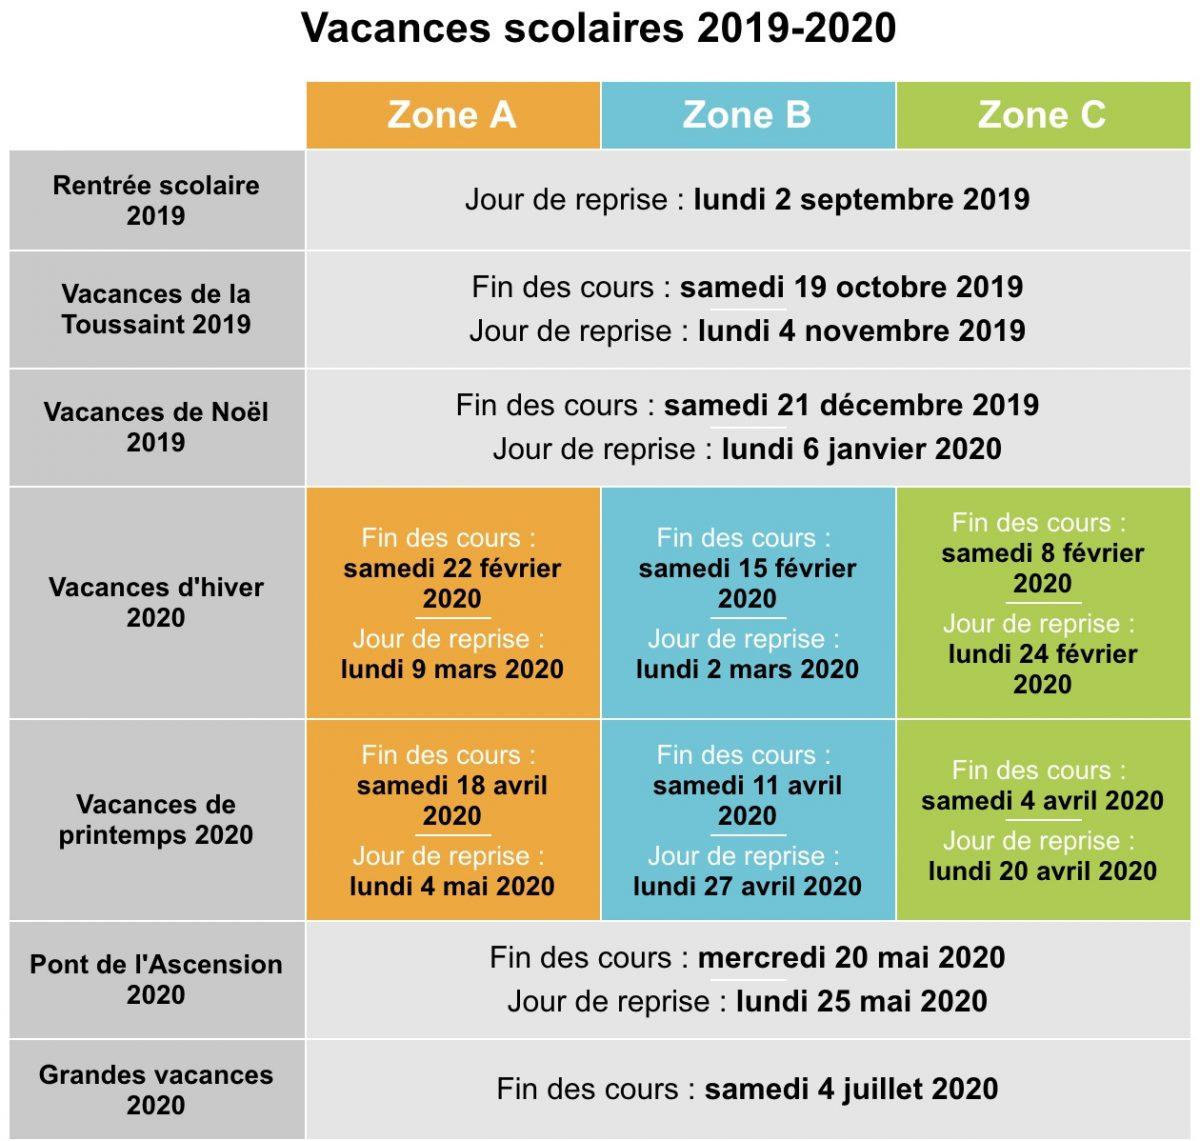 Calendrier Scolaire France.Calendrier Scolaire Gites Alpes Maritimes